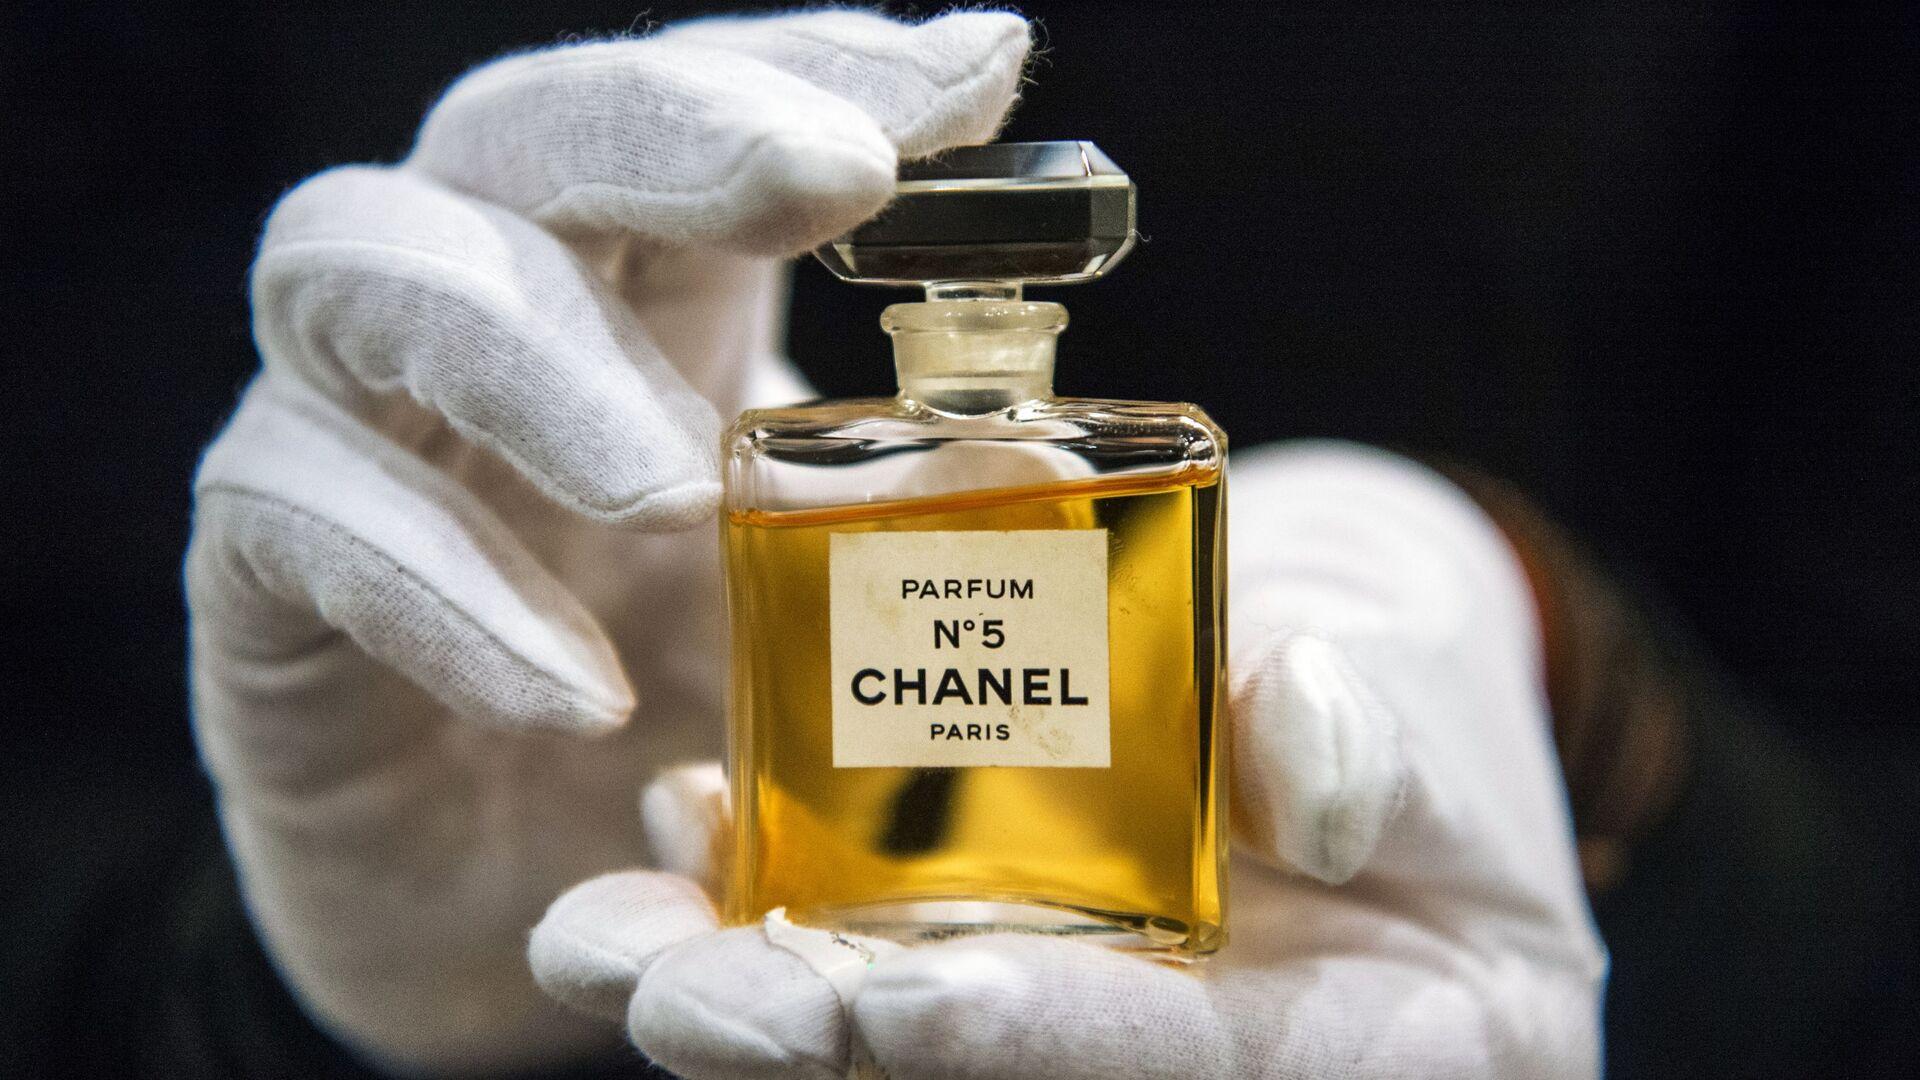 Флакон духов Chanel № 5 на выставке I love Chanel. Частные коллекции в МВЦ Музей Моды в Москве - Sputnik Аҧсны, 1920, 11.10.2021